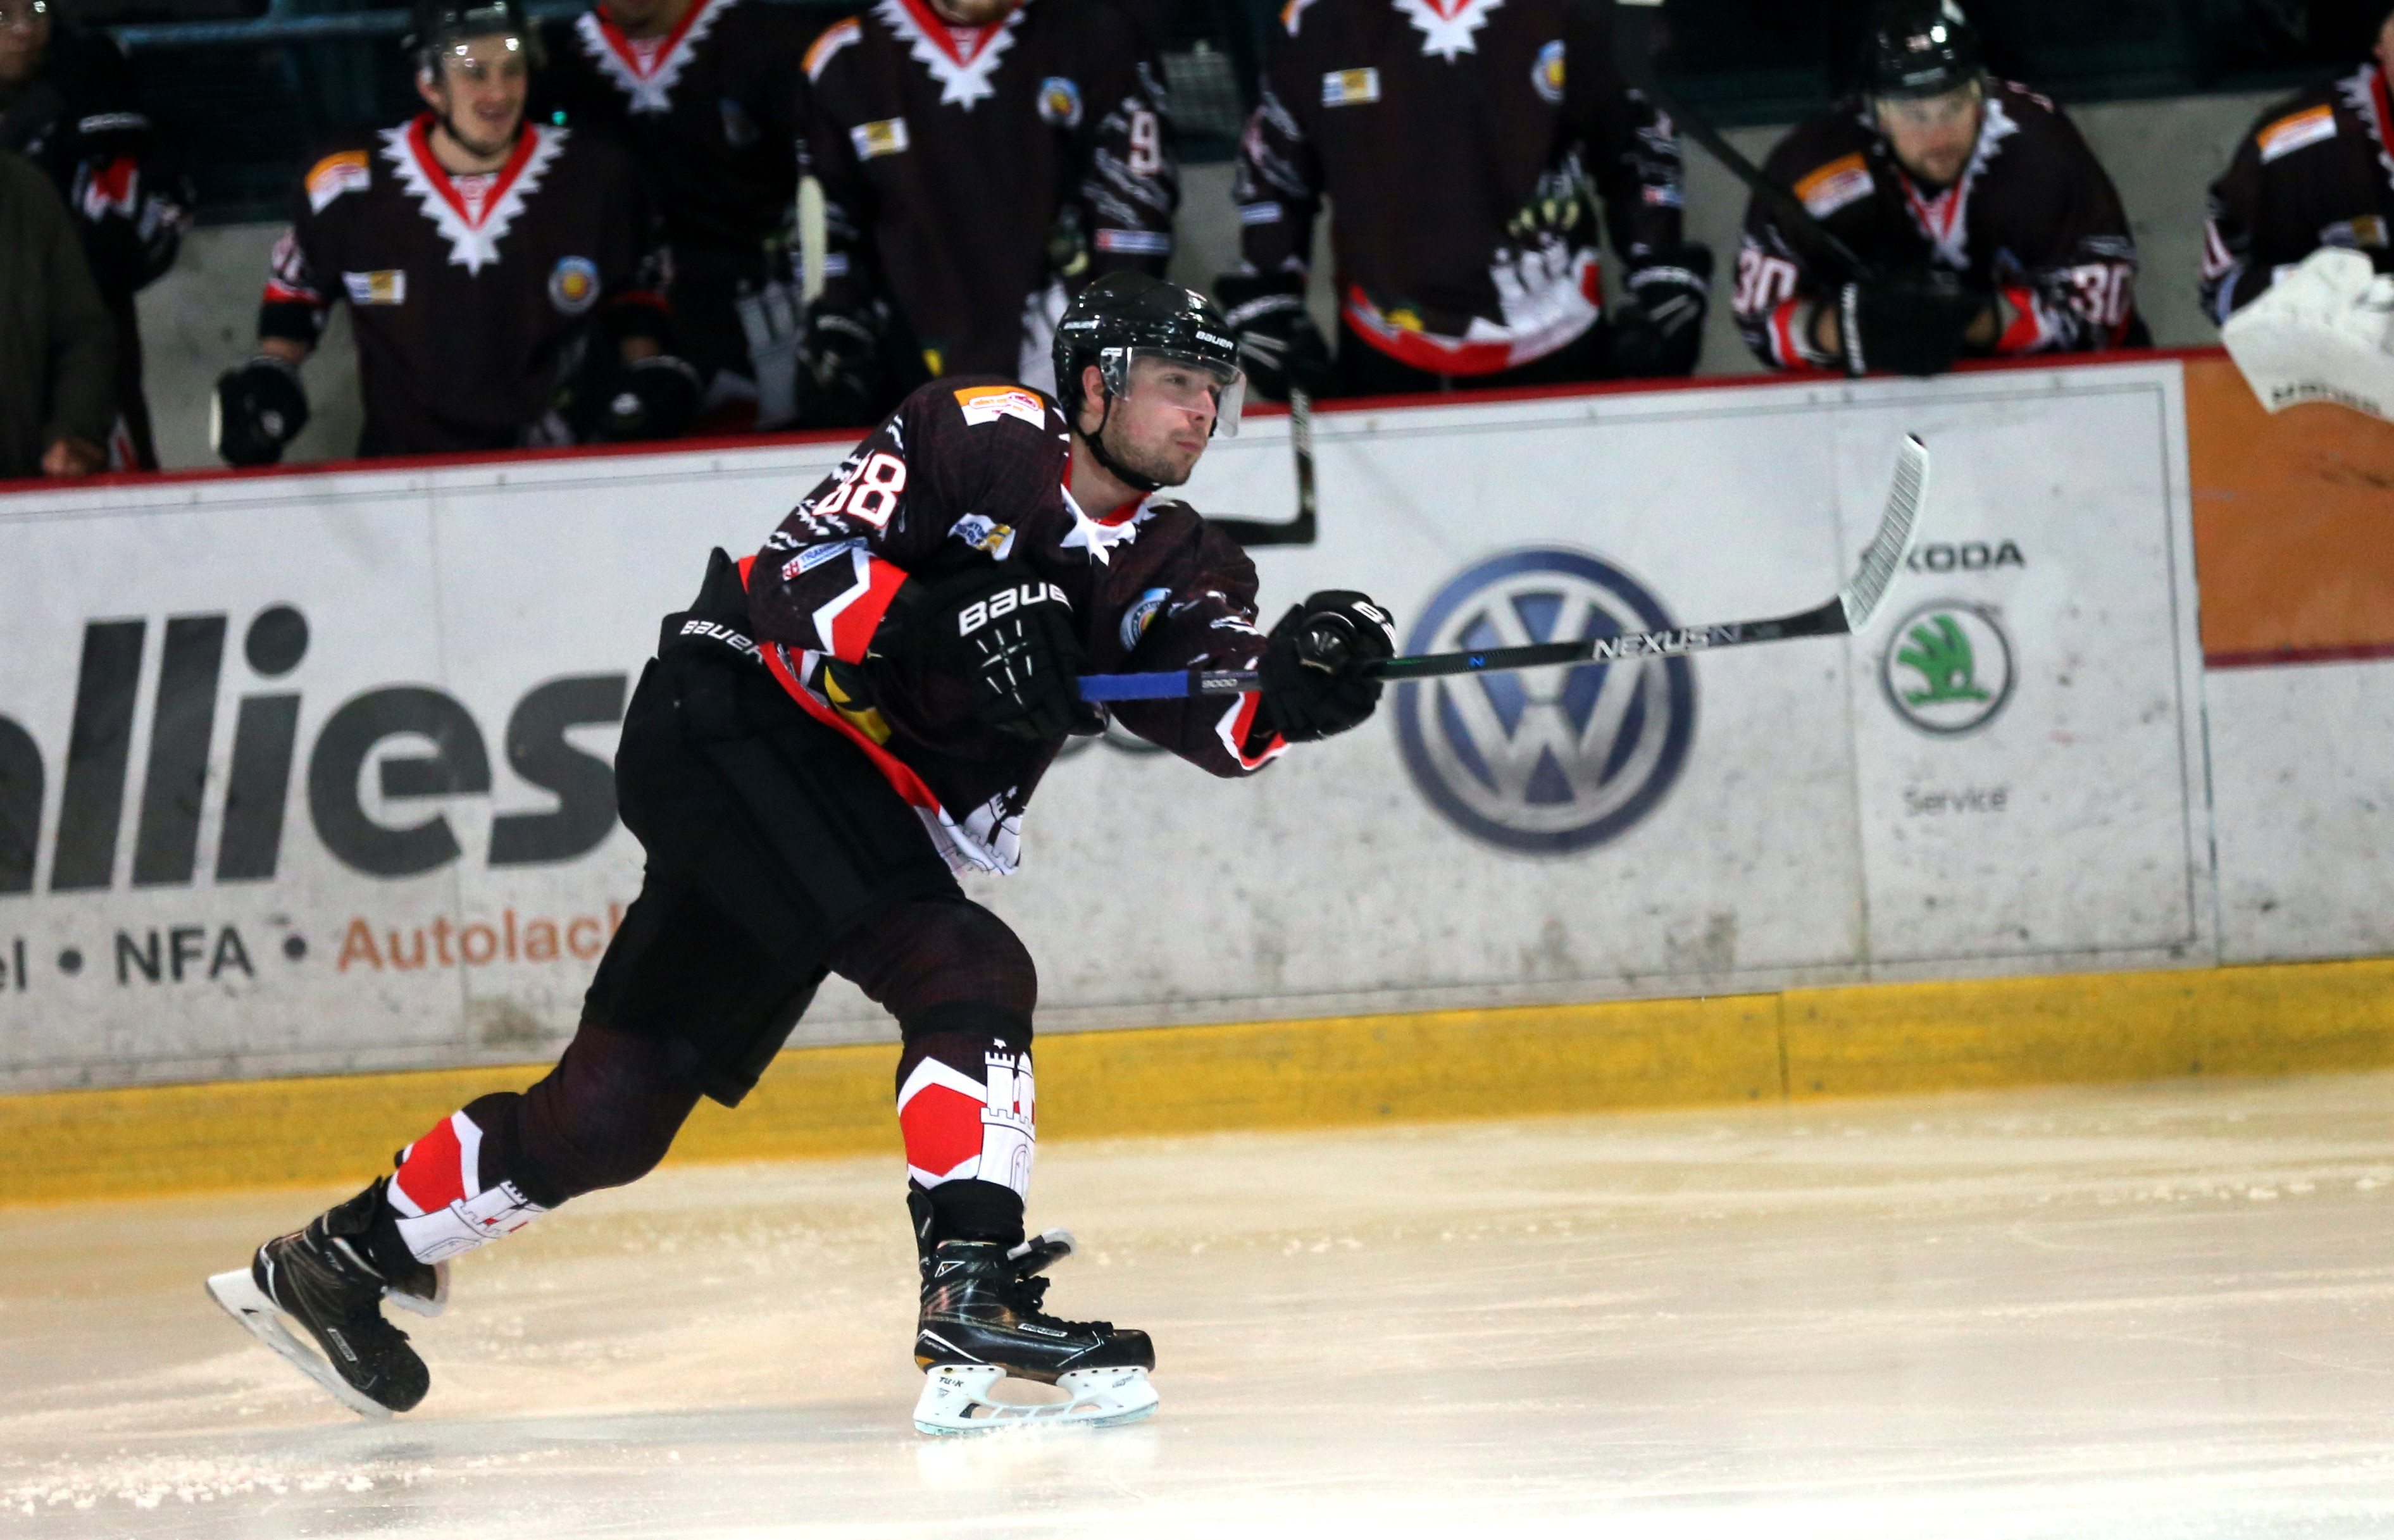 eishockey in hamburg